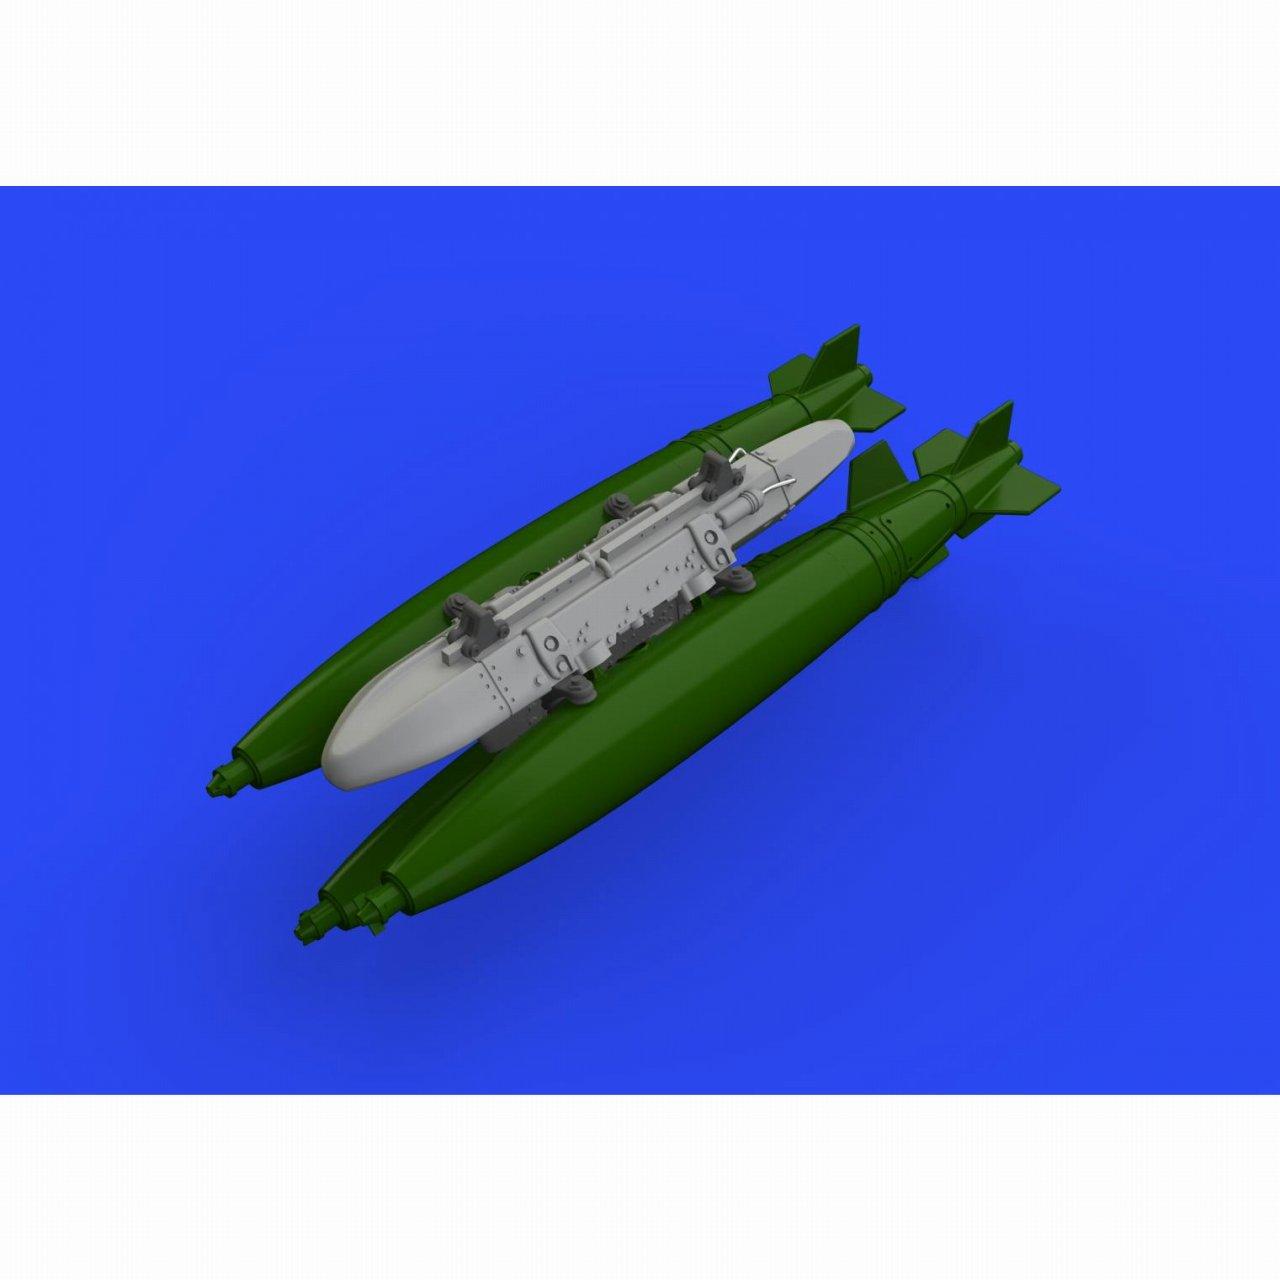 【新製品】491028 塗装済 ホーカー タイフーンMk.Ib バブルトップ エッチングパーツ (ハセガワ/イタレリ用)